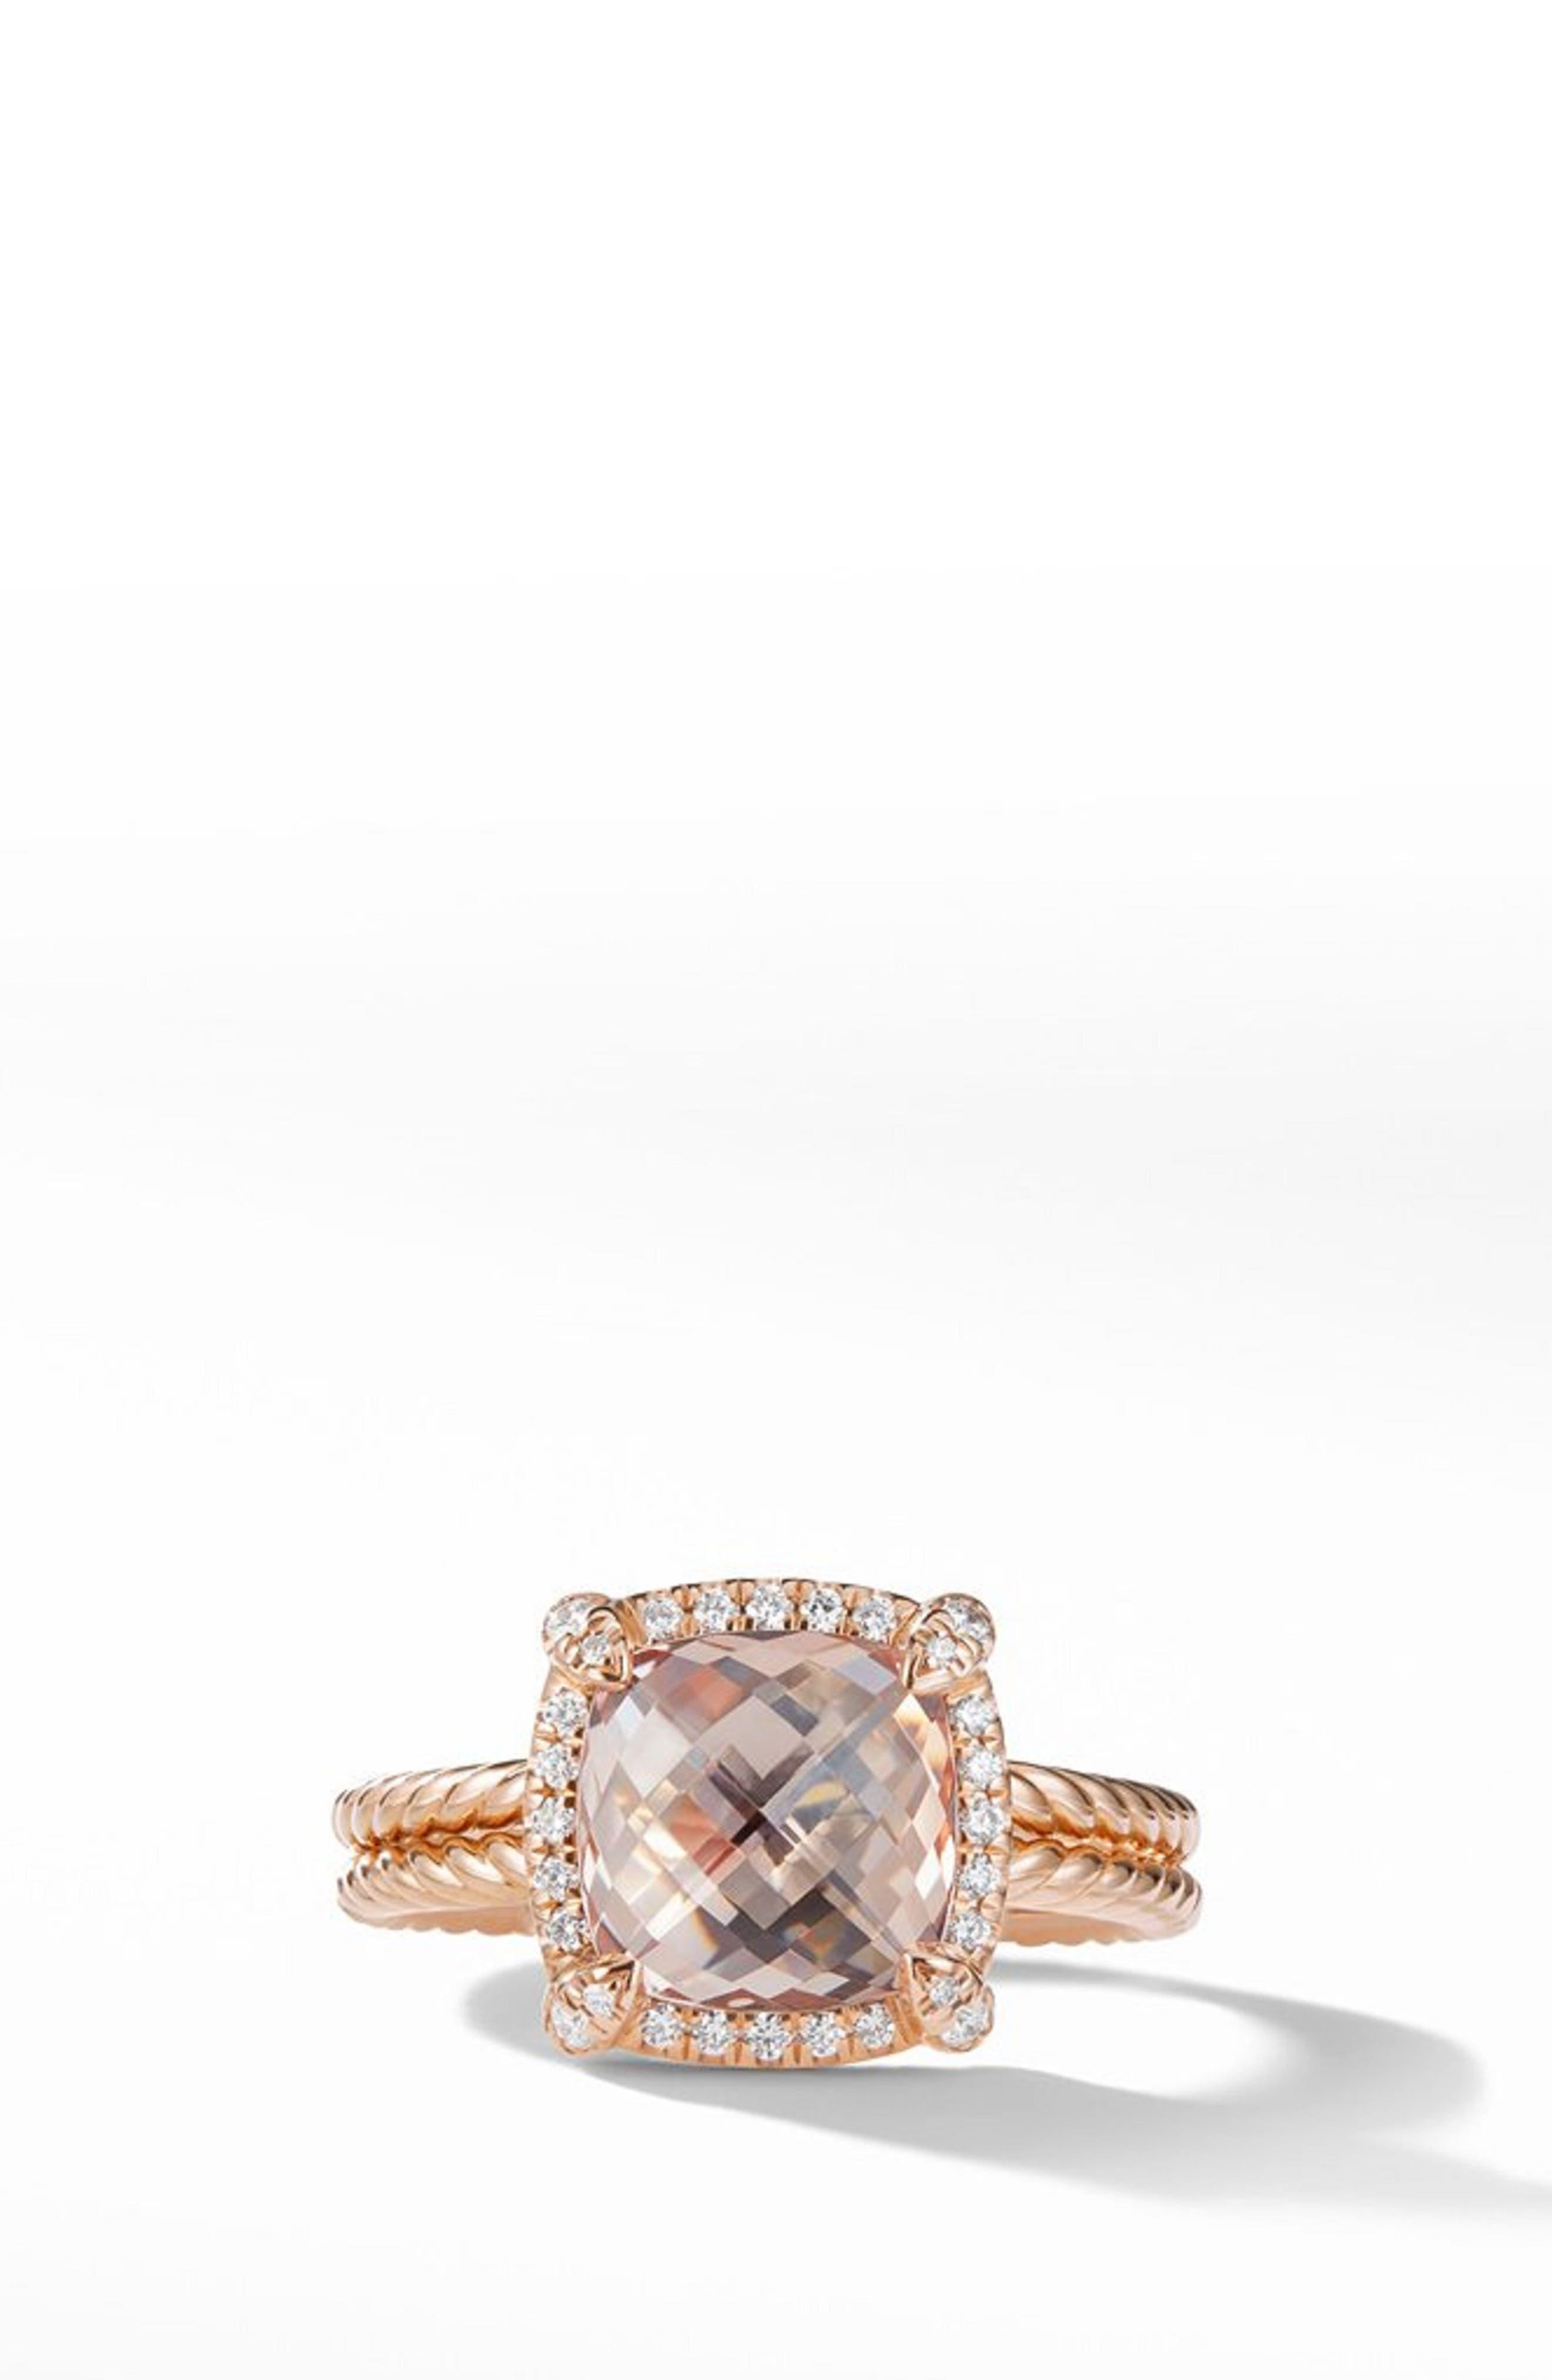 Chatelaine<sup>®</sup> Pavé Bezel Ring in 18K Rose Gold,                             Alternate thumbnail 3, color,                             ROSE GOLD/ DIAMOND/ MORGANITE